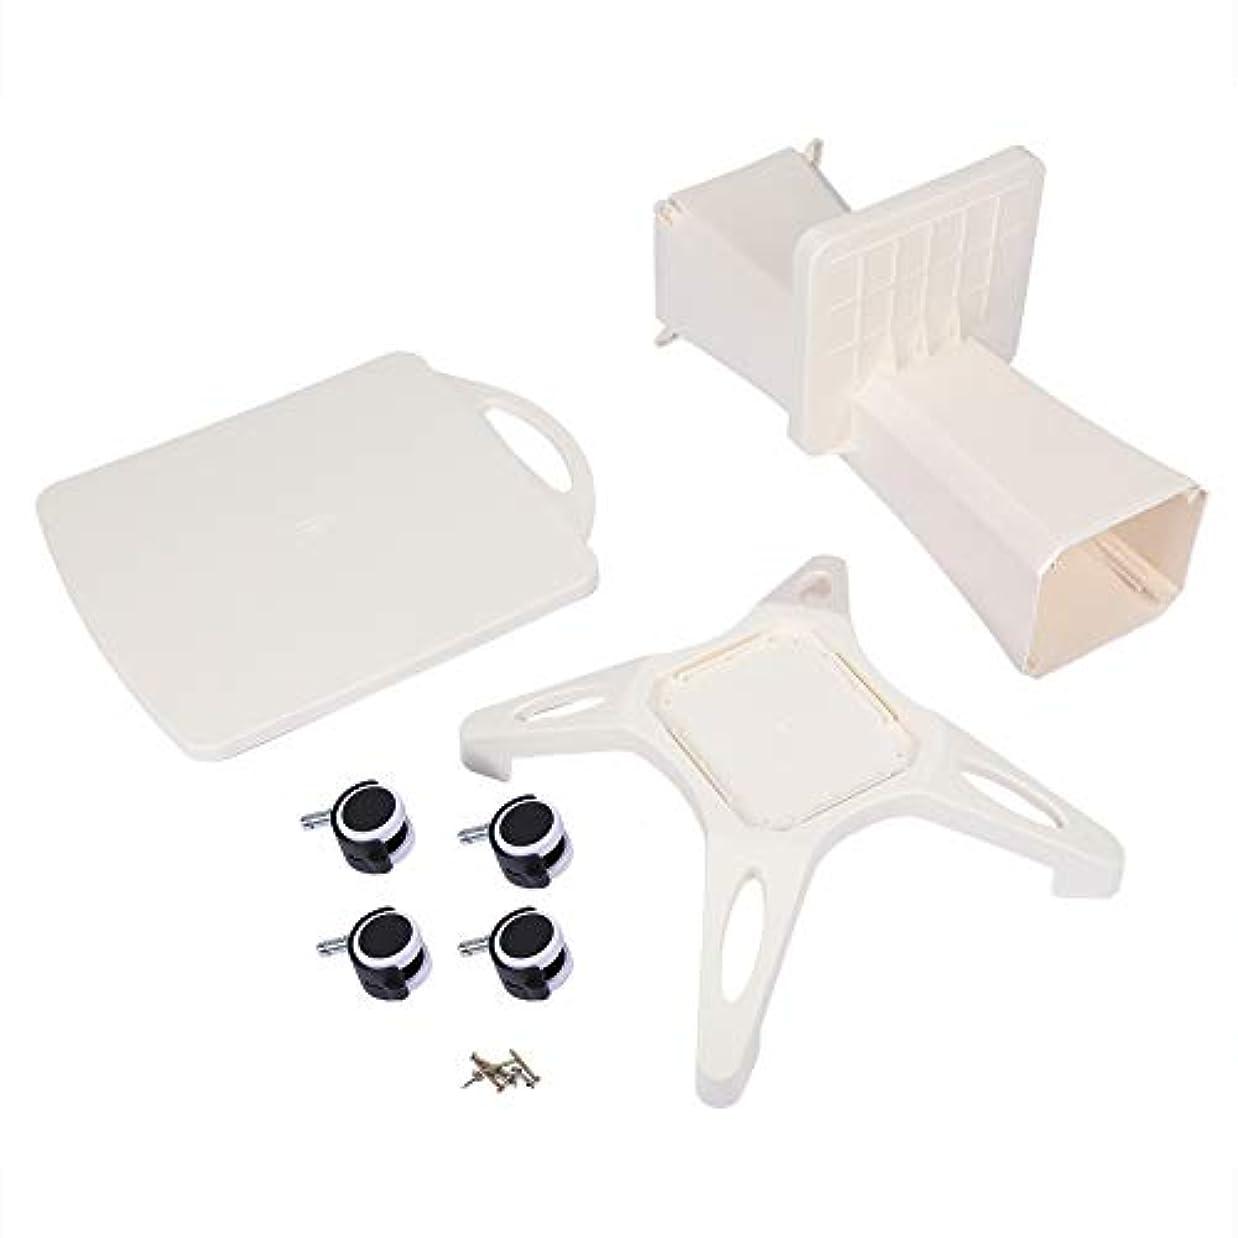 追う写真撮影ディレイ美容院のトロリー、世帯および美容院装置の使用のためのABS貯蔵の棚が付いている4つの車輪の圧延カート